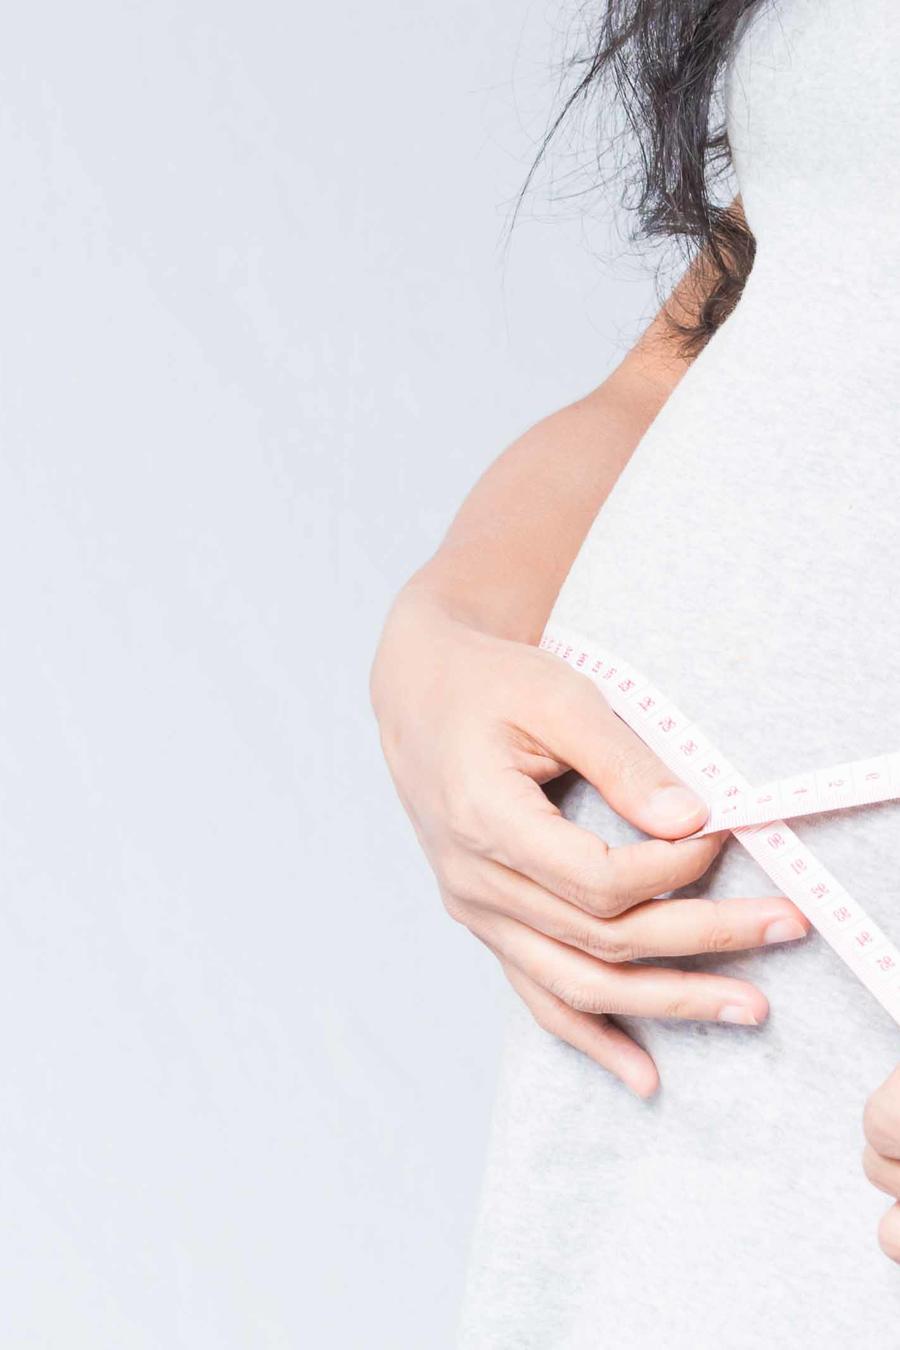 Embarazada midiéndose la barriga con cinta métrica